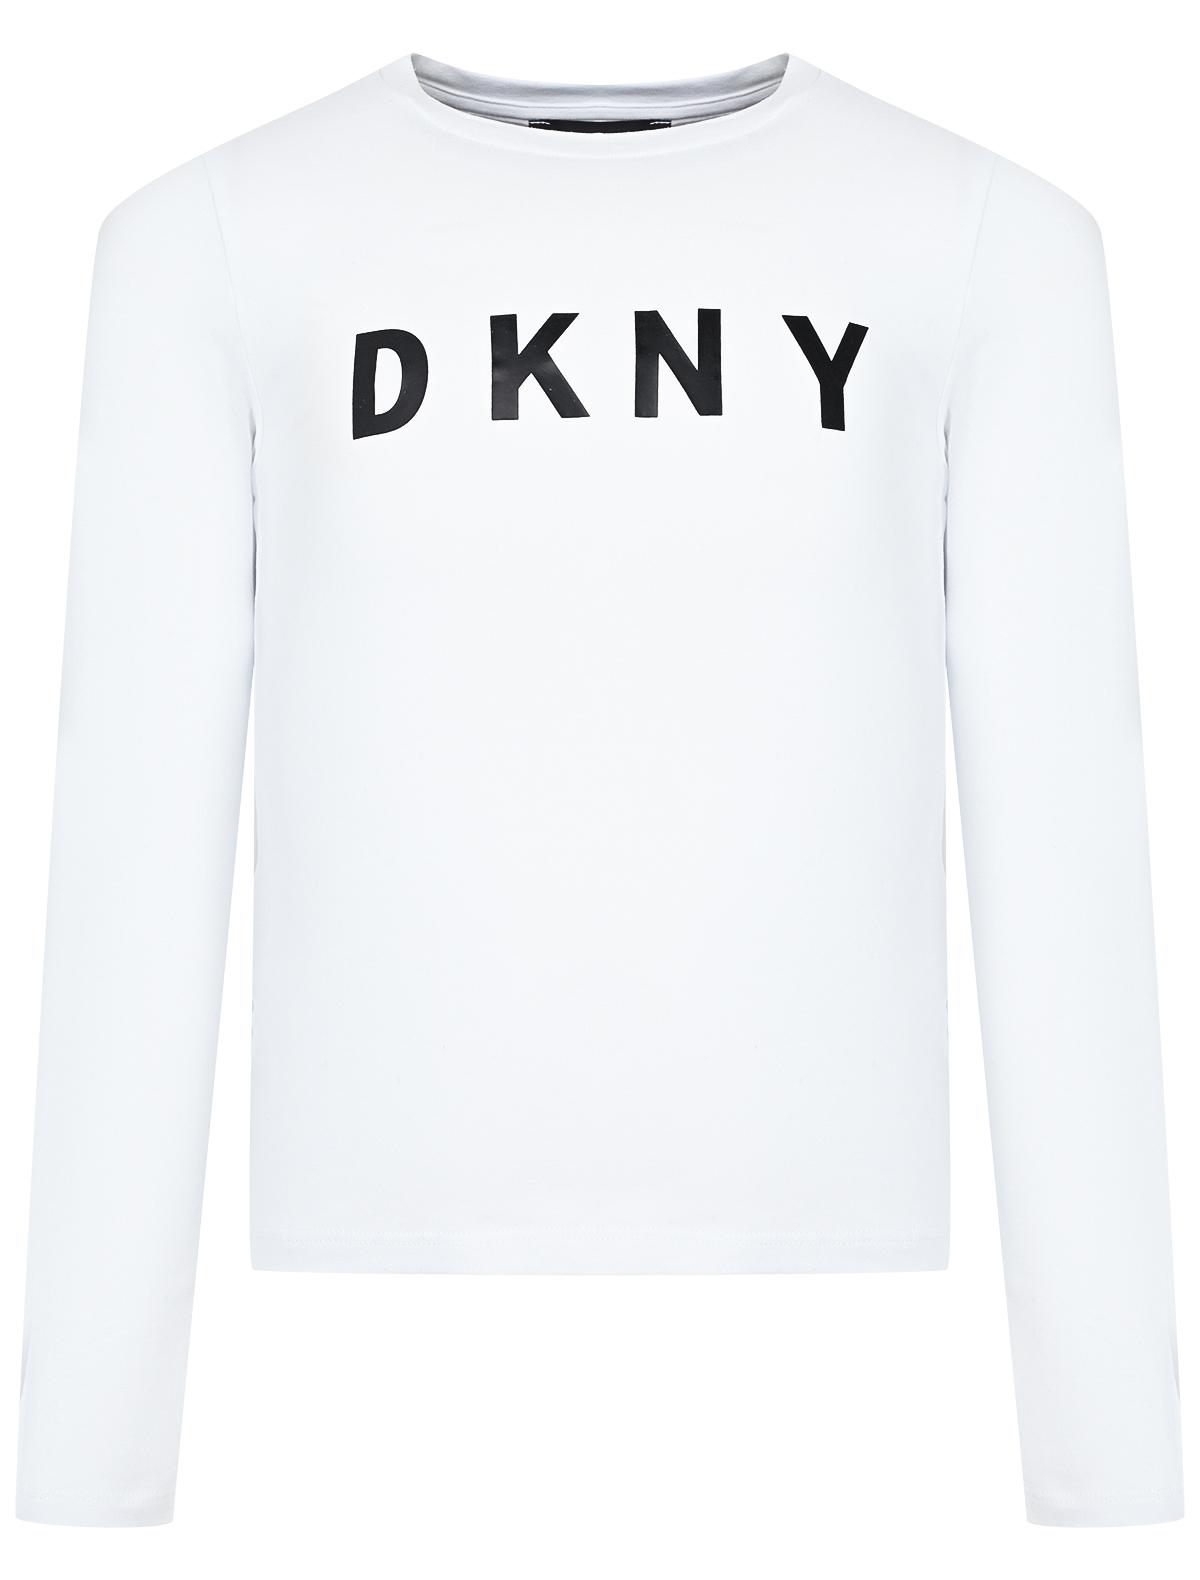 Купить 2033286, Лонгслив DKNY, белый, Женский, 4161209980664